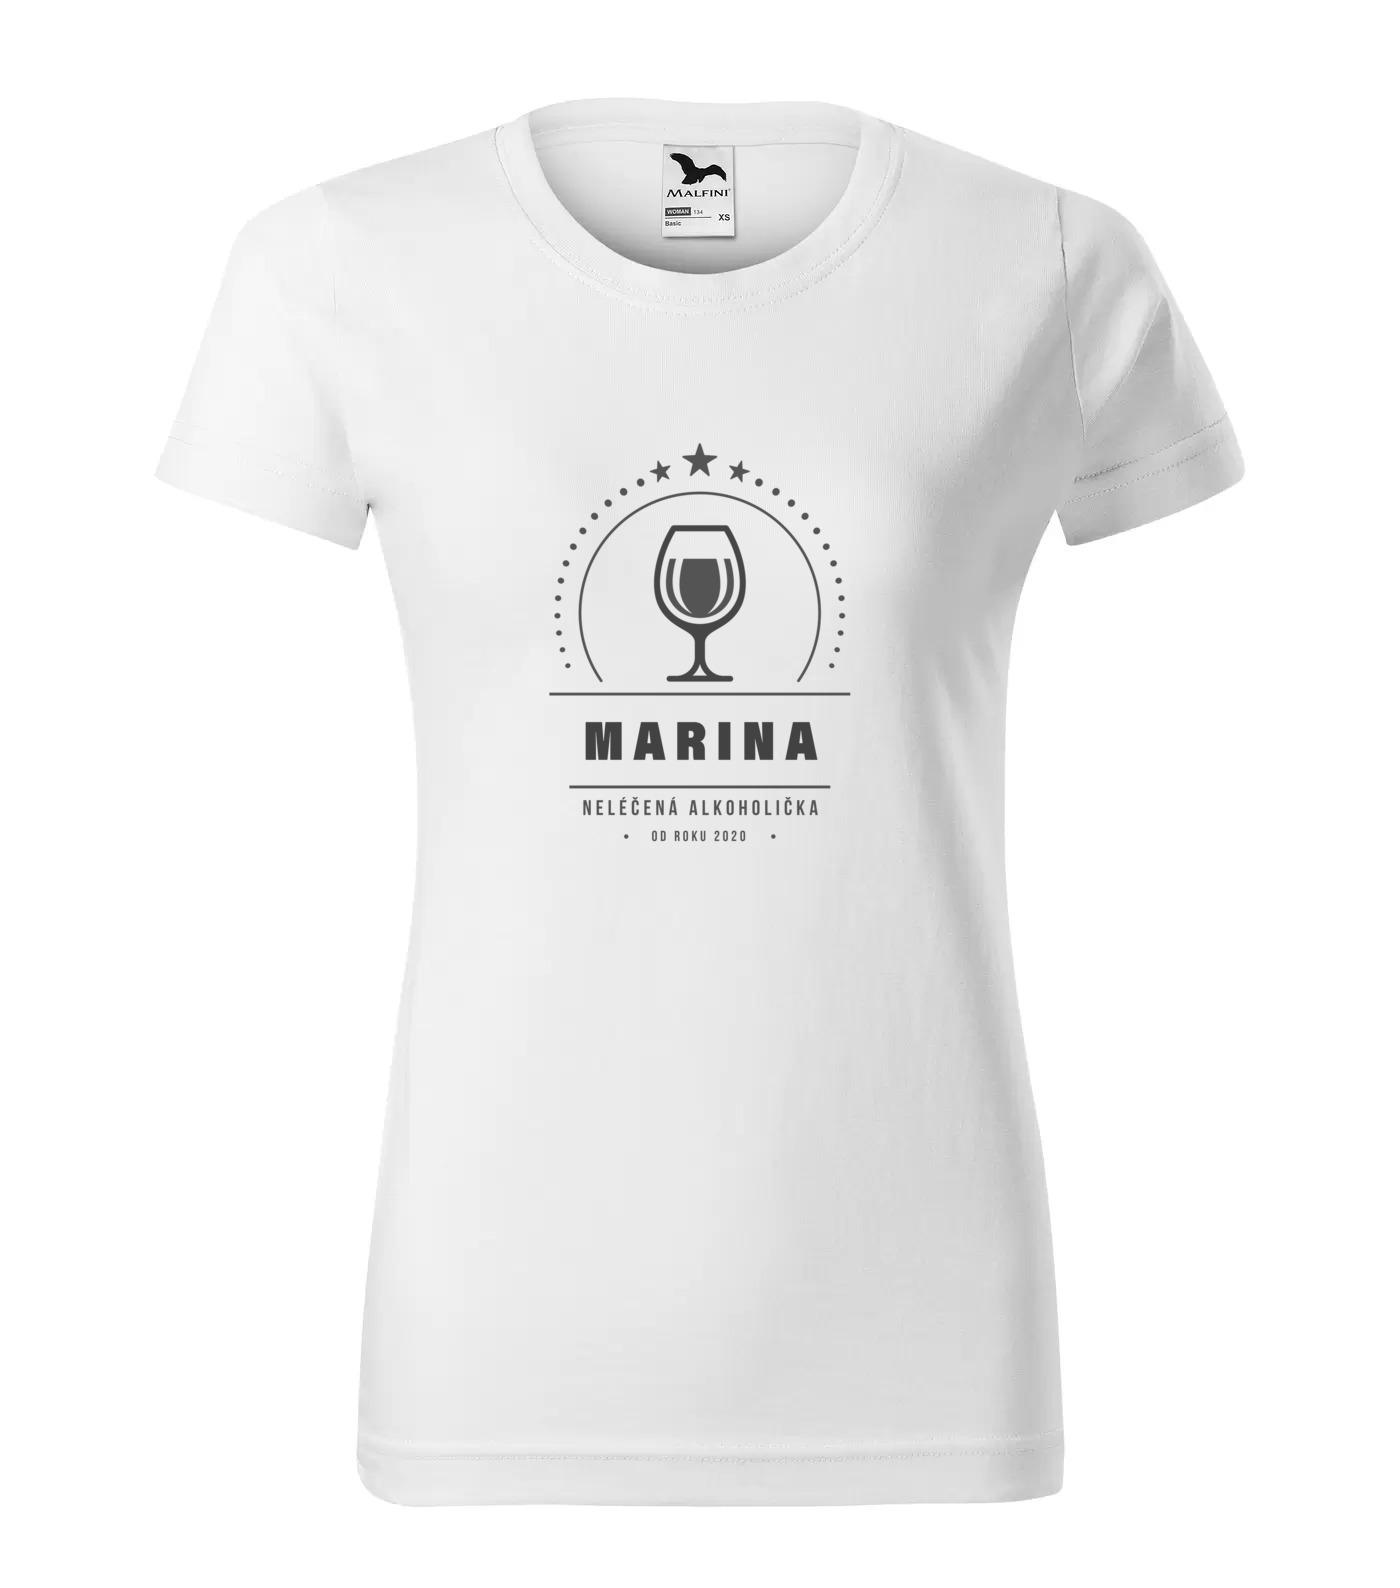 Tričko Alkoholička Marina